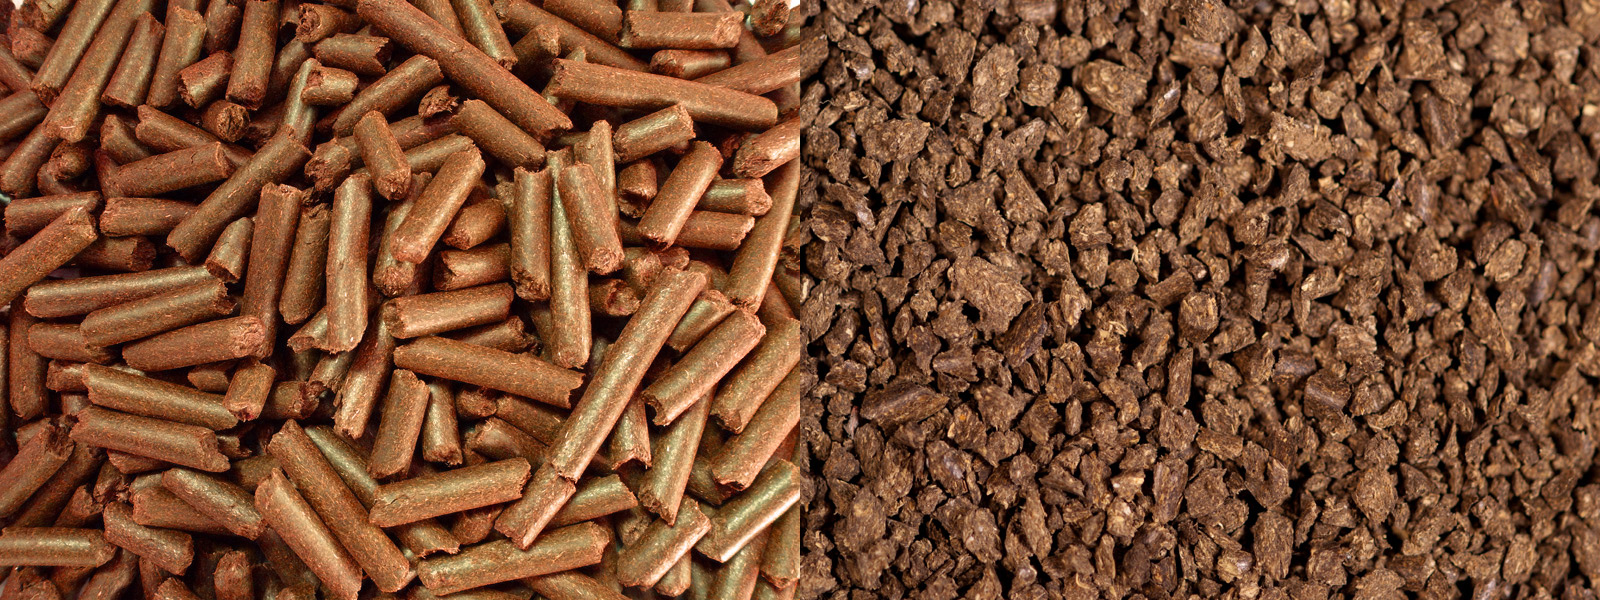 Ag Grade Fetilizer Vs Horticultural Grade Fertilizer